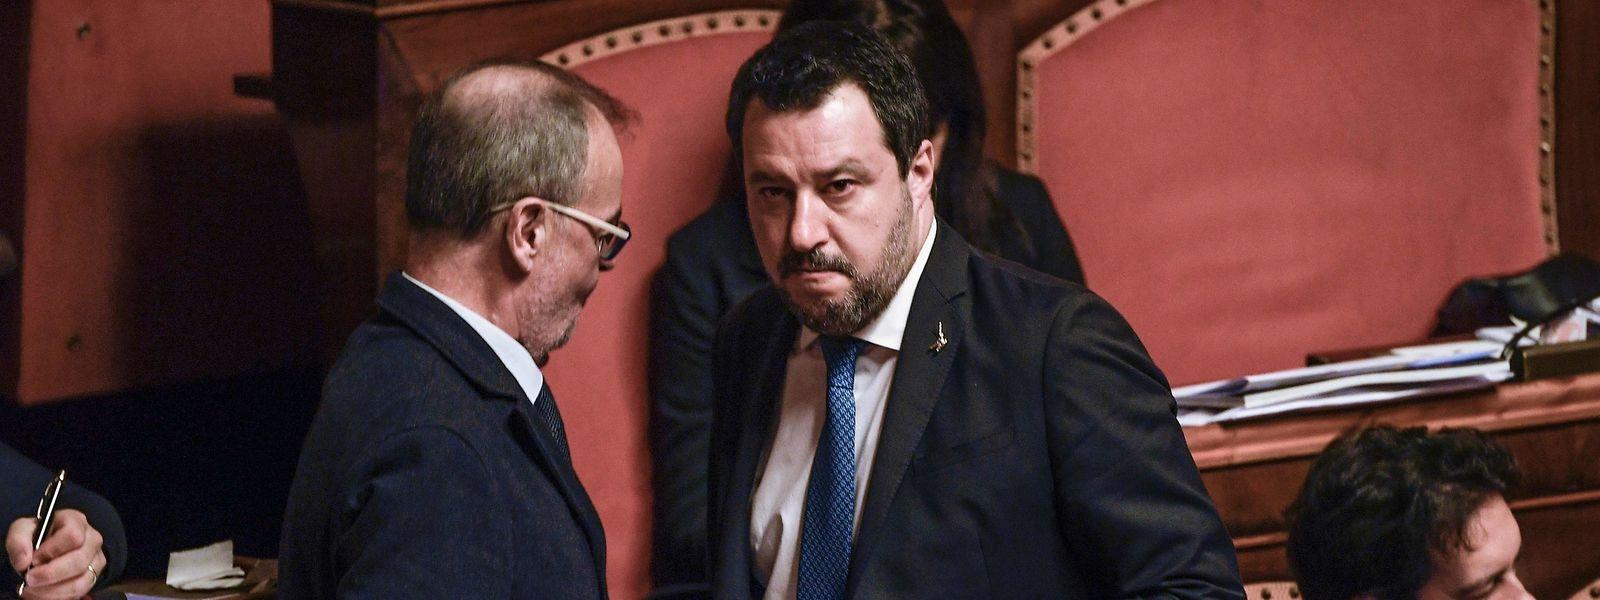 Le patron de l'extrême droite a encaissé un nouveau coup dur mercredi avec son renvoi devant les juges décidé par le Sénat.